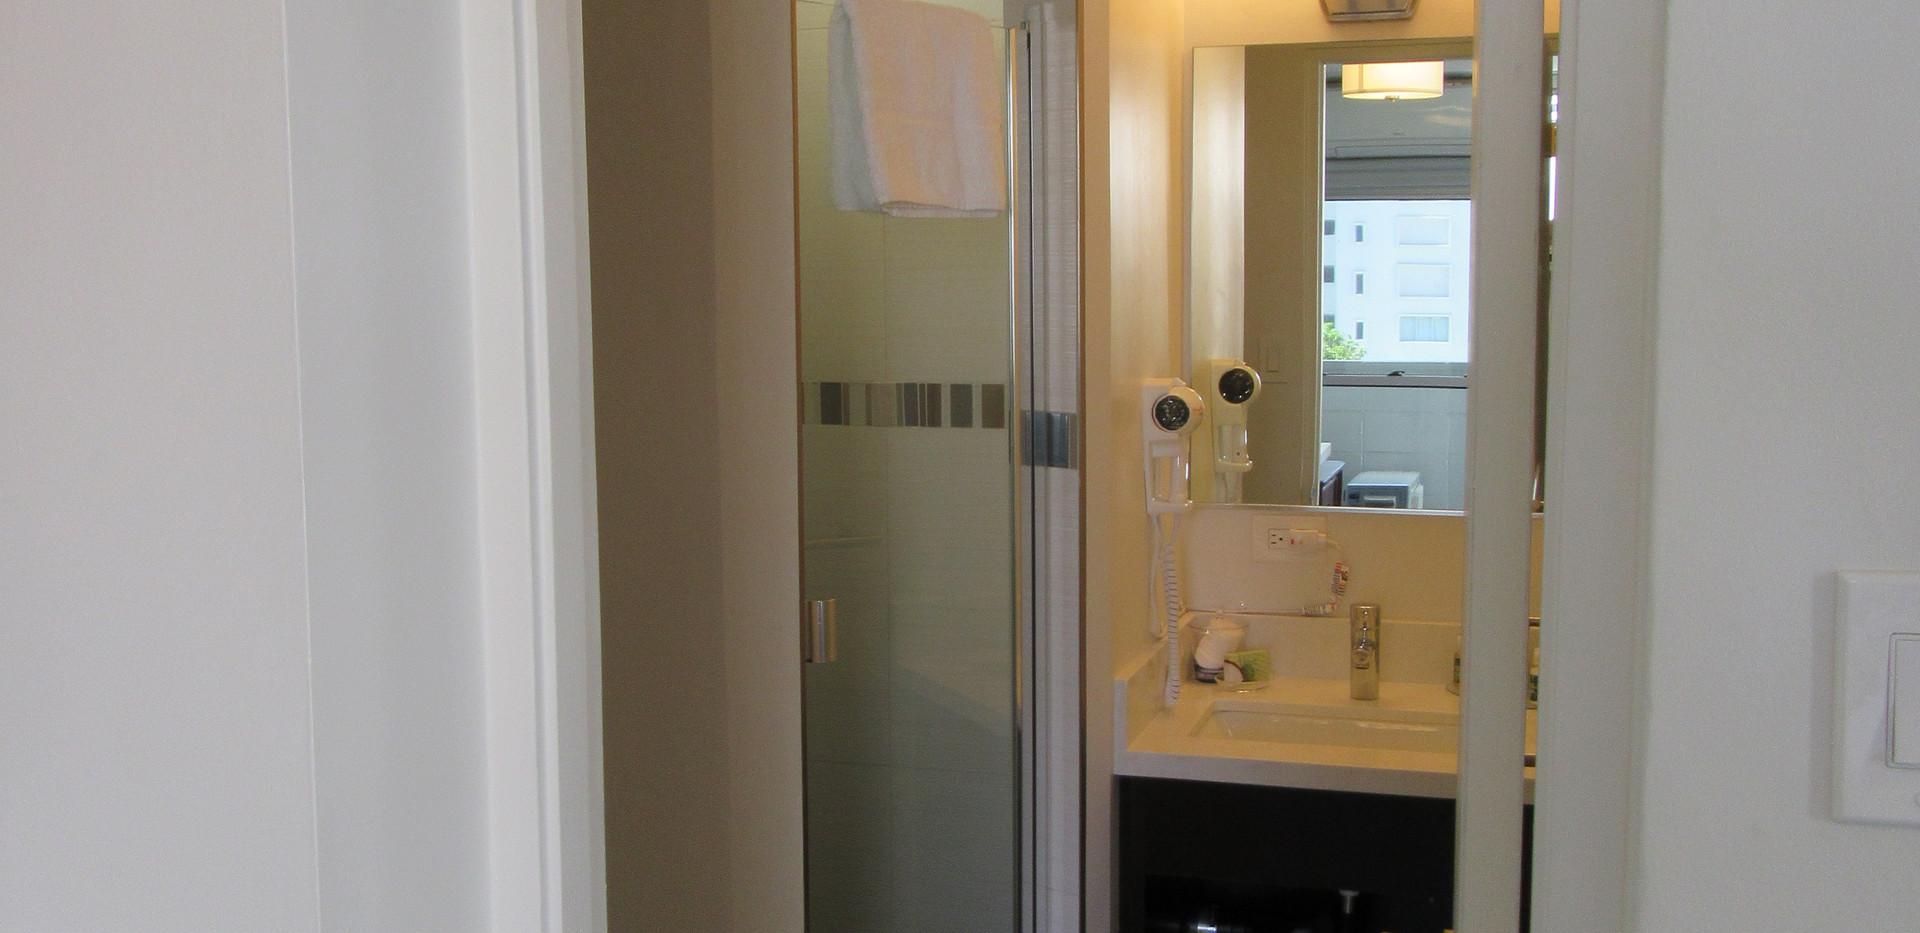 Economy Double Bed Room Bathroom